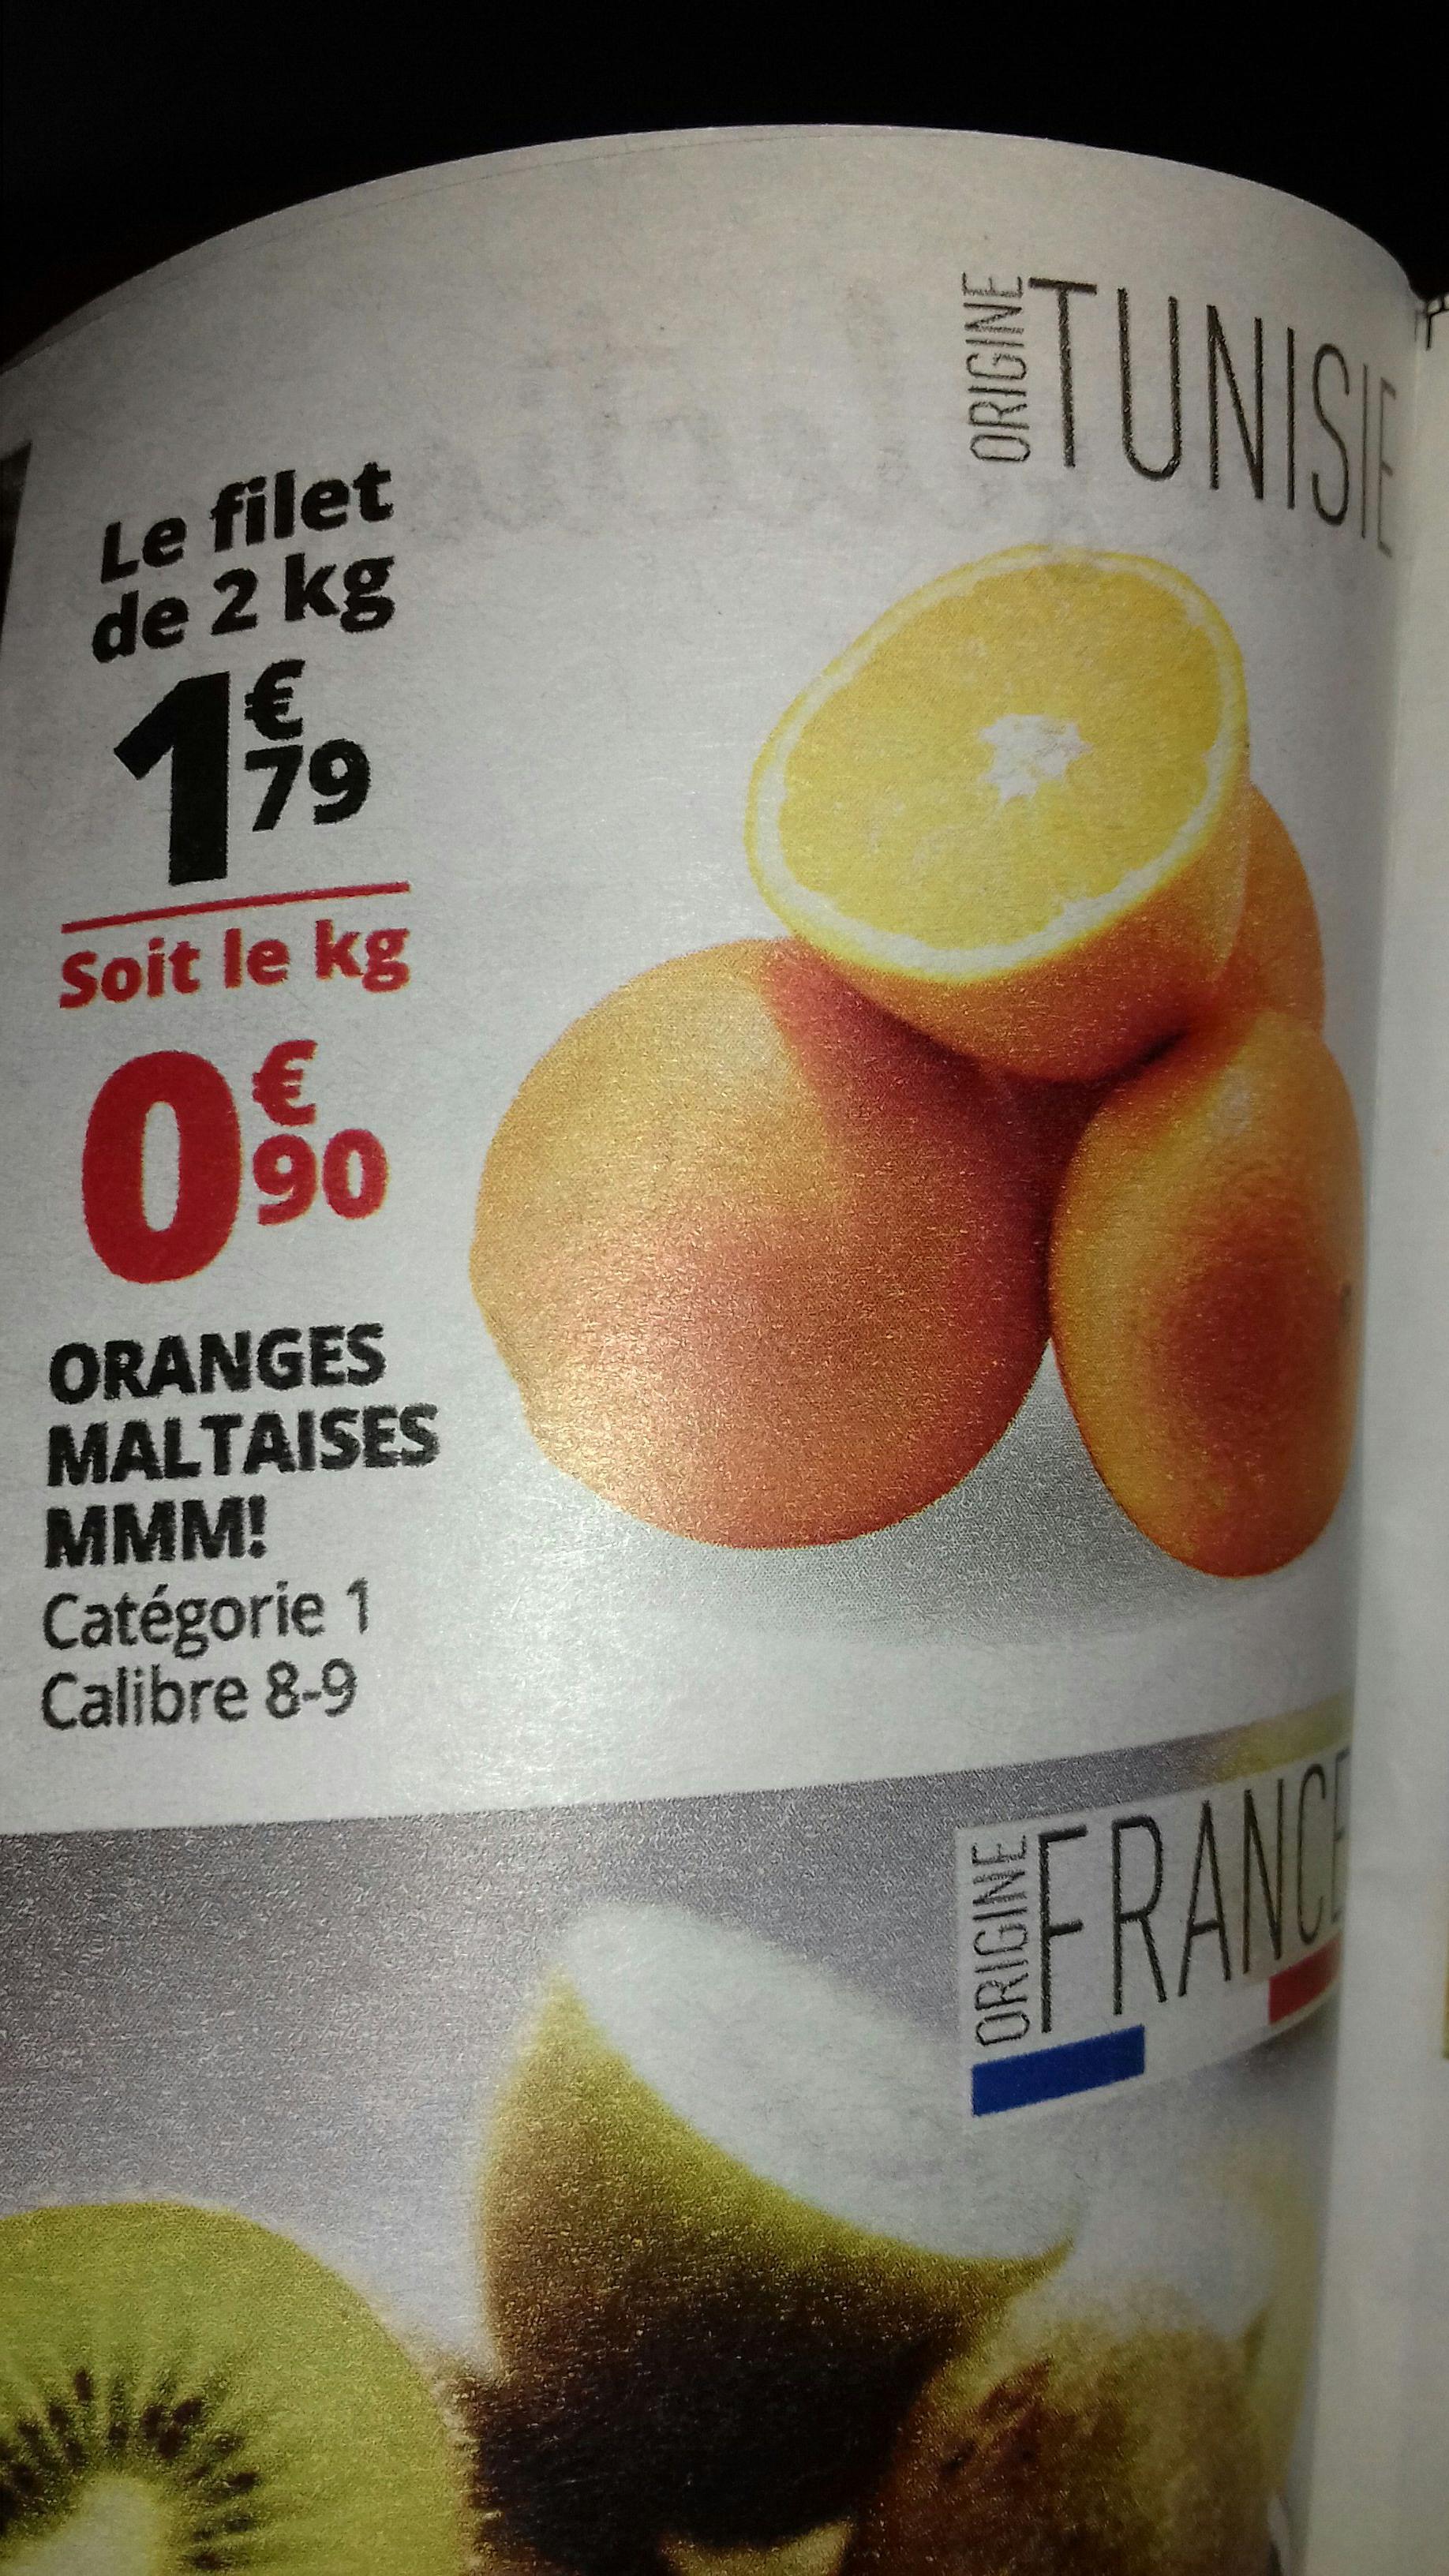 Filet de 2 kg d'oranges Maltaises MMM! - cat. 1, calibre 8/9, origine Tunisie